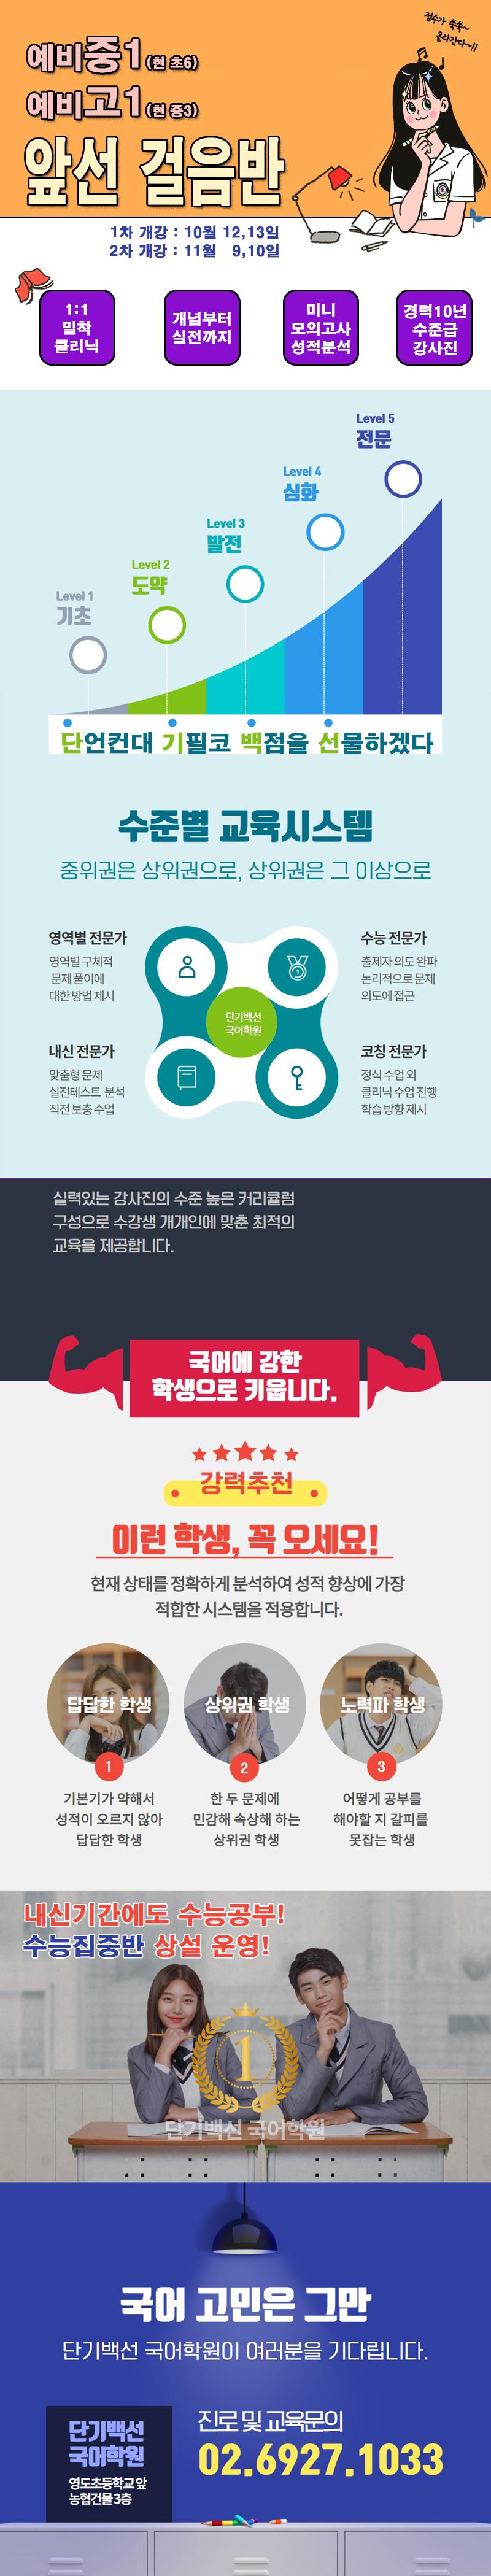 예비고1 개강 홍보물_v4.jpg